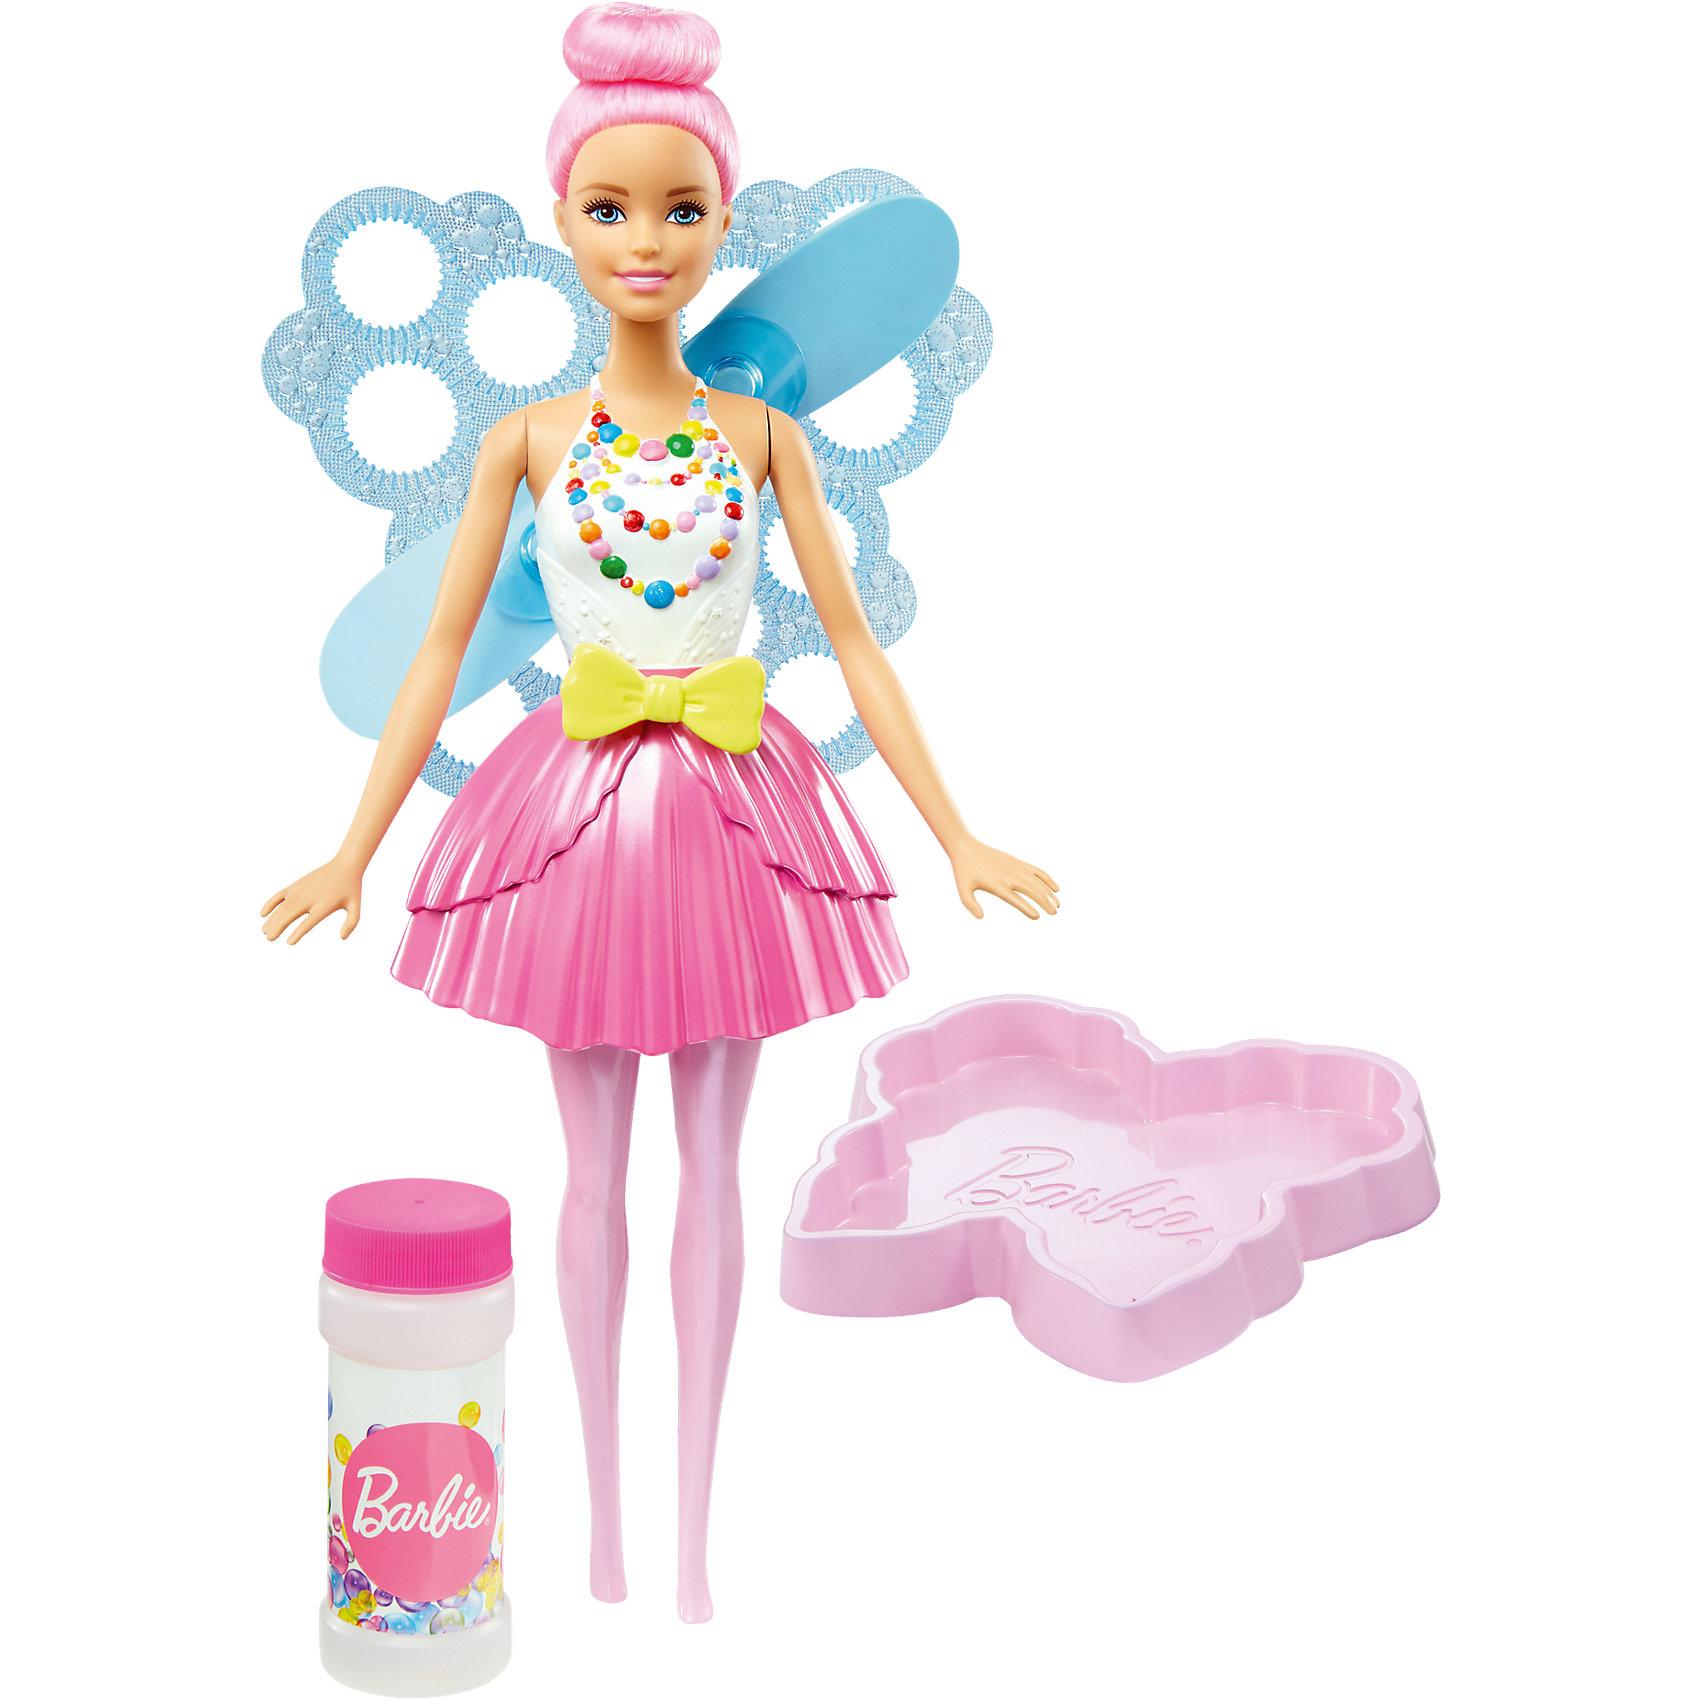 Фея с волшебными пузырьками, Barbie, 29 смBarbie<br>Характеристики товара:<br><br>• комплектация: кукла, контейнер для жидкости, раствор для мыльных пузырей<br>• материал: пластик<br>• серия: Barbie™ Dreamtopia «Сладкое Королевство»<br>• высота куклы: 28 см<br>• возраст: от трех лет<br>• размер упаковки: 33х12х5 см<br>• вес: 0,3 кг<br>• страна бренда: США<br><br>Эта красивая кукла Барби порадует маленьких любительниц мыльных пузырей! Чтобы начать с ней играть, необходимо просто налить раствор из бутылочки, окунуть в него крылья куклы и потянуть за ленточку на её поясе - появятся волшебные пузыри! Барби из серии Сладкое Королевство станет великолепным подарком для девочек. Кукла одета в яркий наряд.<br><br>Куклы - это не только весело, они помогают девочкам развить вкус и чувство стиля, отработать сценарии поведения в обществе, развить воображение и мелкую моторику. Кукла от бренда Mattel не перестает быть популярной! <br><br>Куклу Фея с волшебными пузырьками от компании Mattel можно купить в нашем интернет-магазине.<br><br>Ширина мм: 328<br>Глубина мм: 226<br>Высота мм: 88<br>Вес г: 440<br>Возраст от месяцев: 36<br>Возраст до месяцев: 72<br>Пол: Женский<br>Возраст: Детский<br>SKU: 5257103